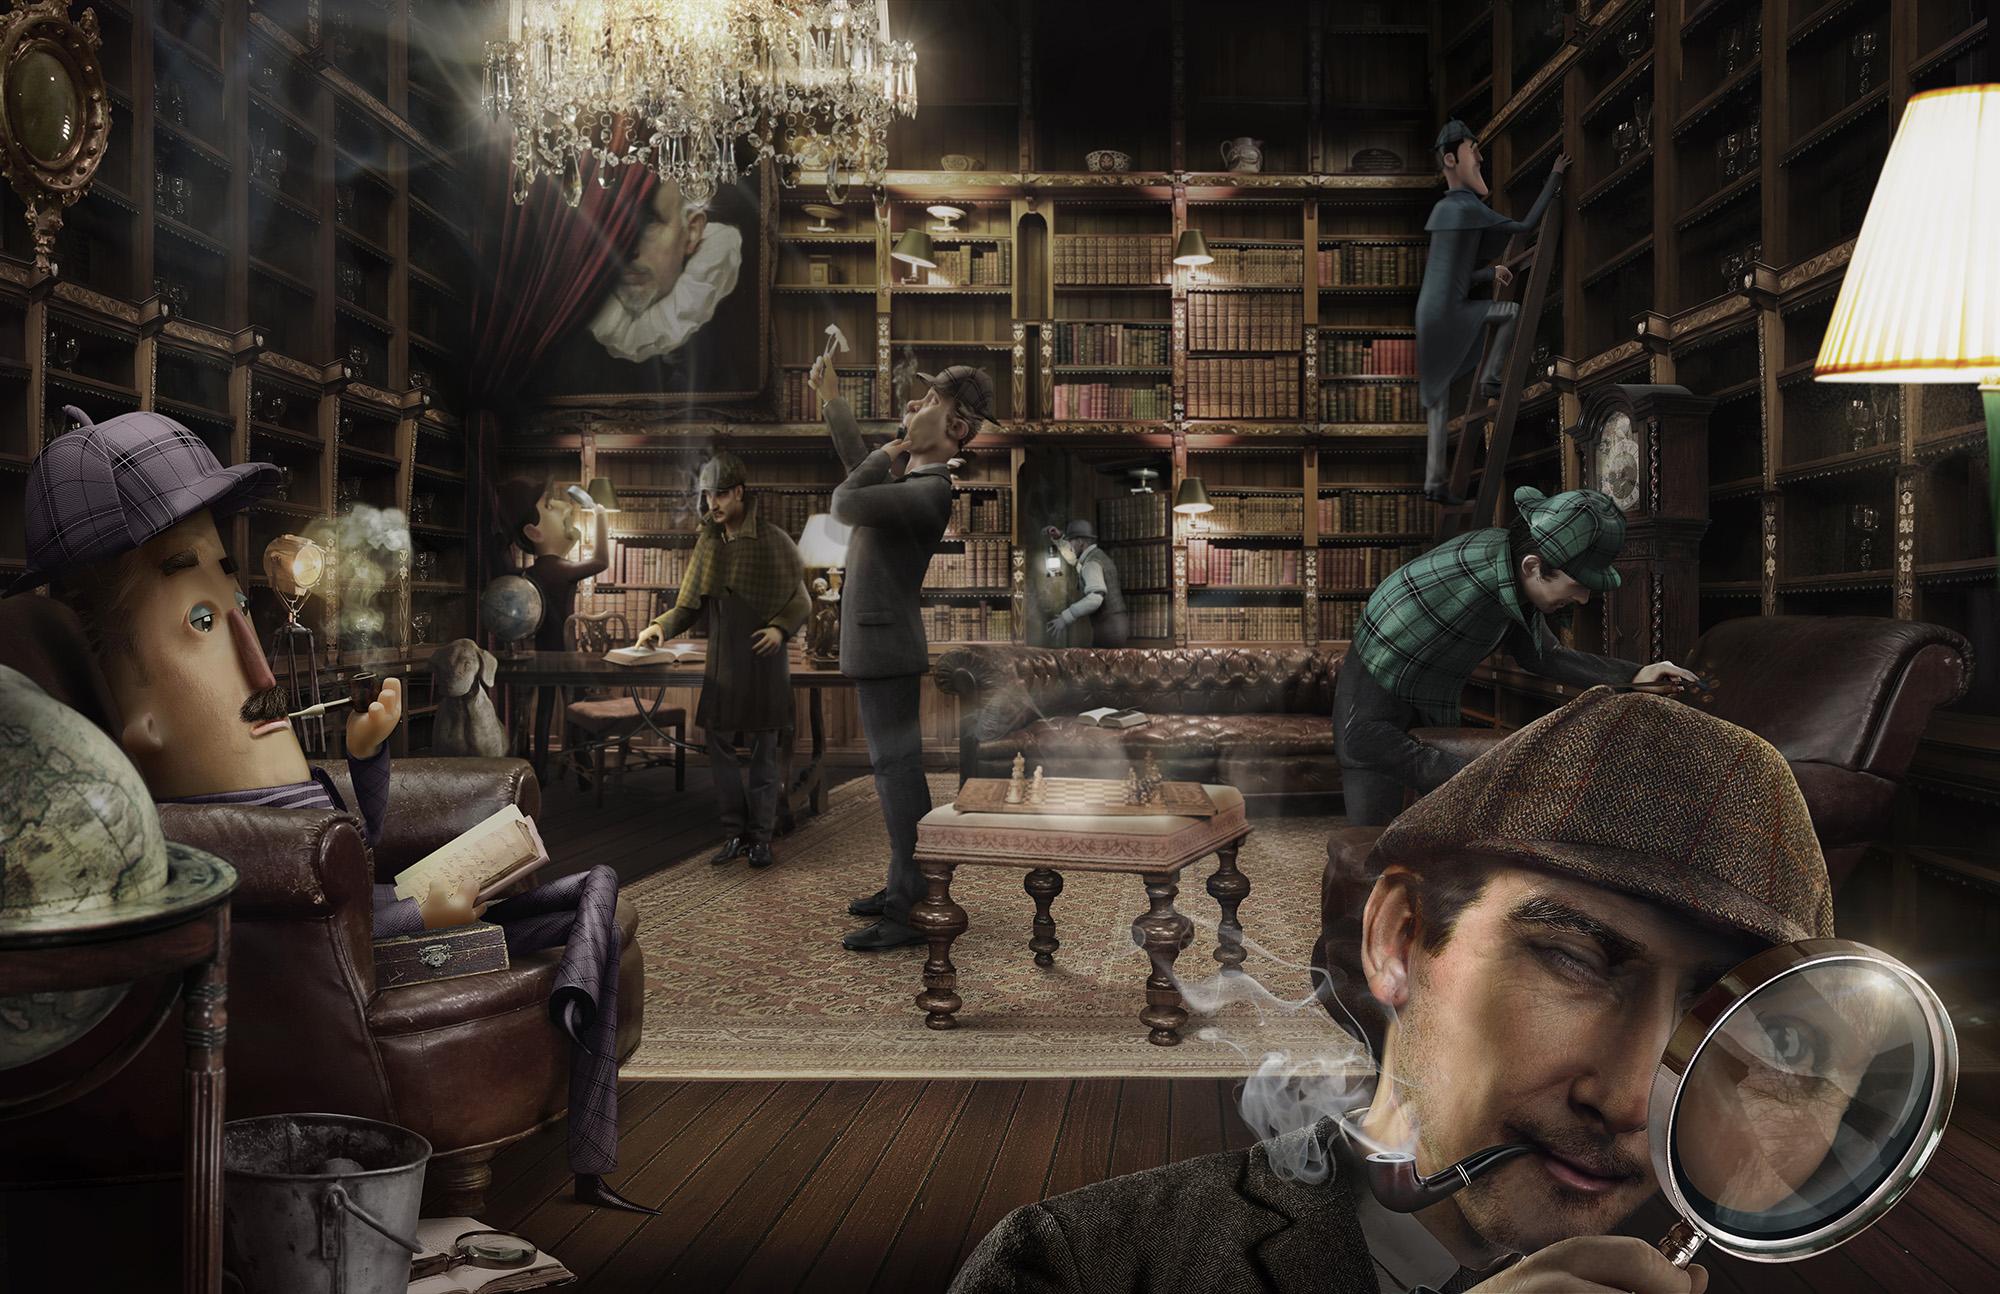 Asociación de Editores de Madrid - Sherlock - Lamano Studio - CGI - Post Production - Illustration - Animation - Photography